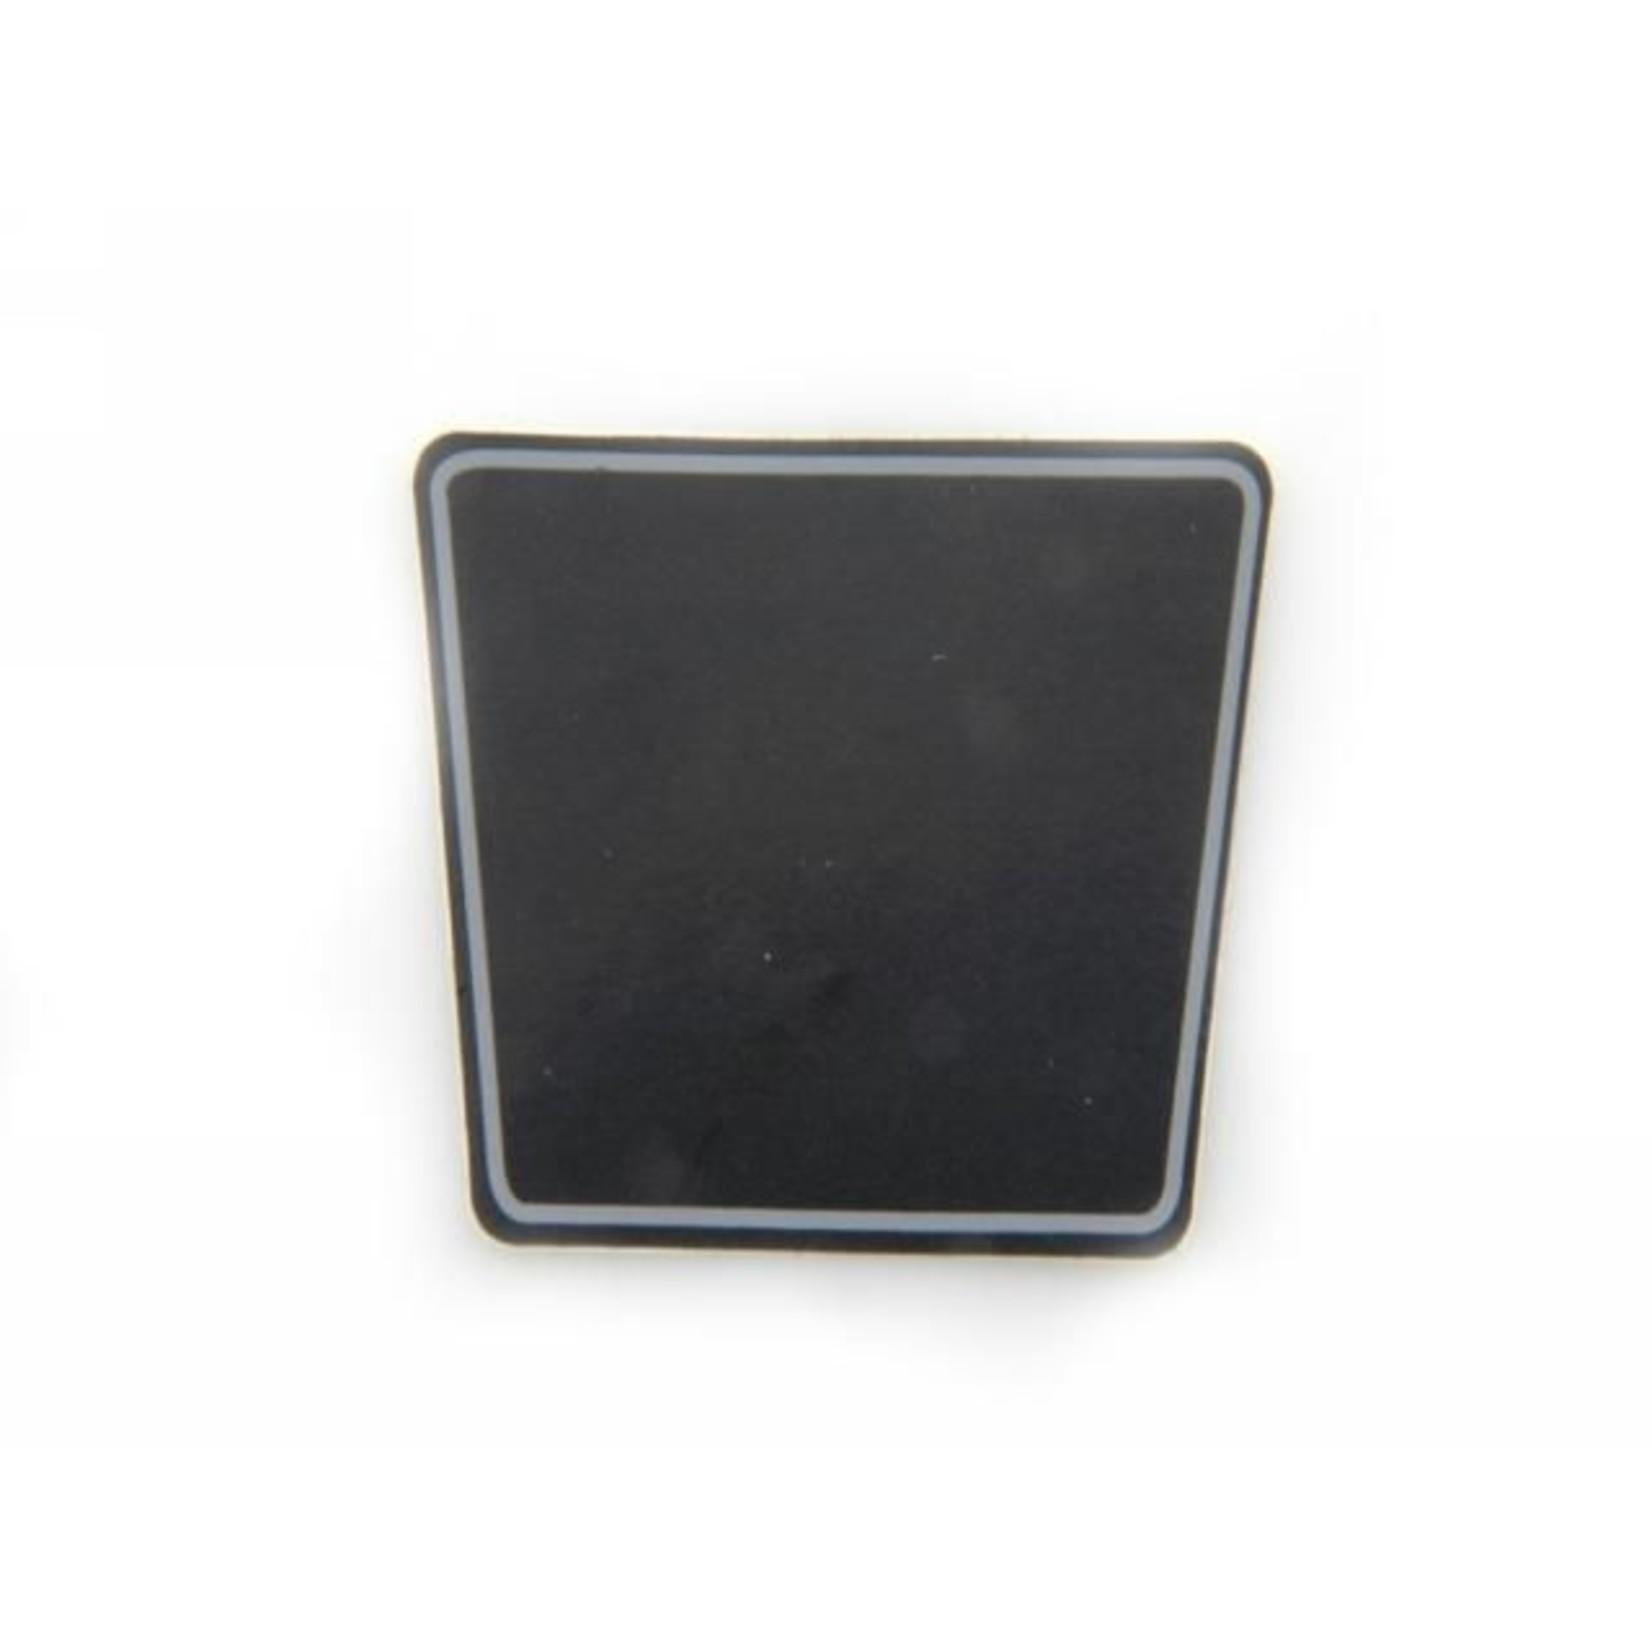 Sticker rear mirror Nr Org: 5407441